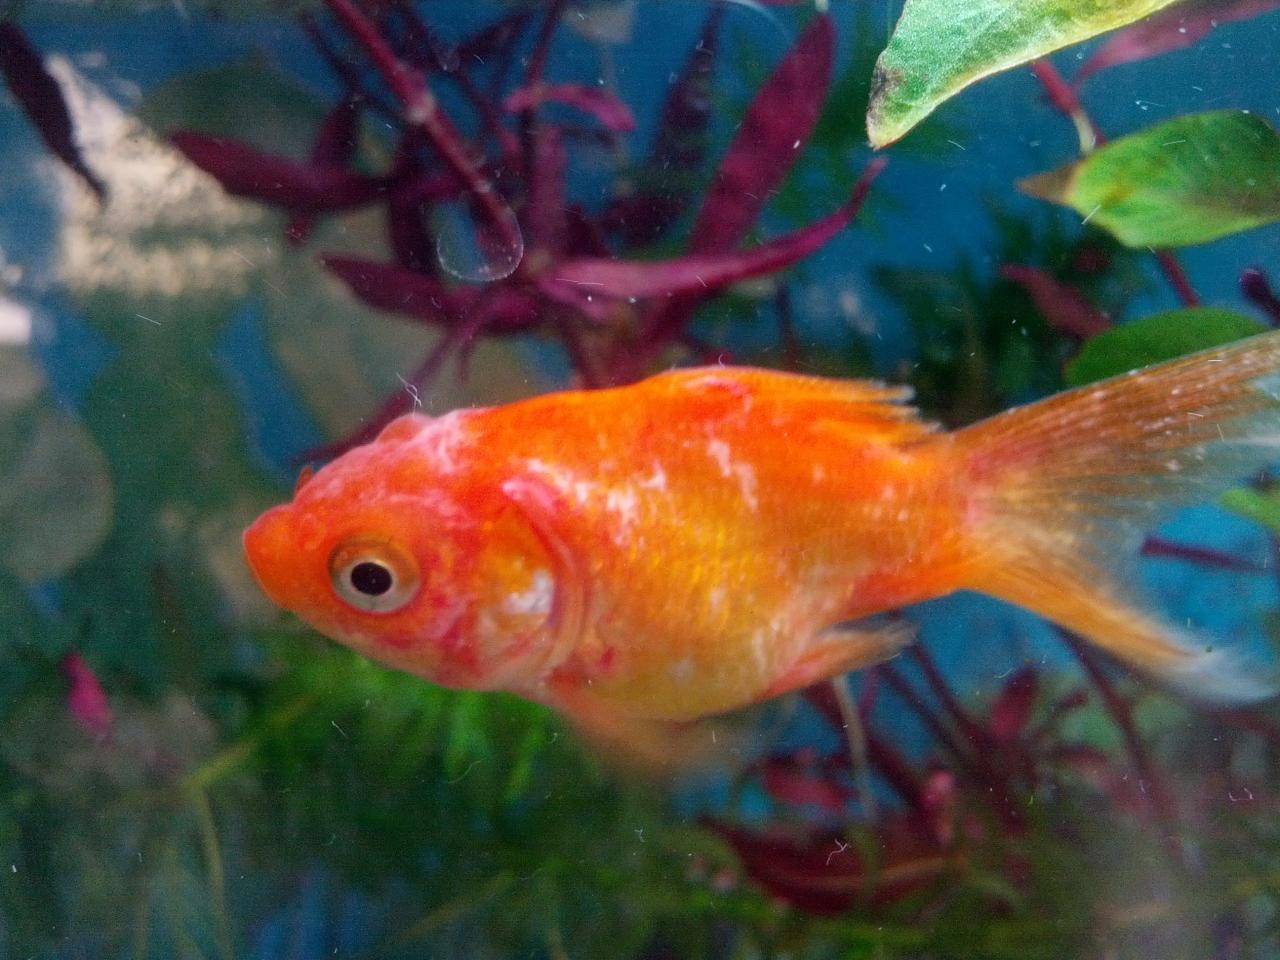 tratamiento para hongos en peces animales hoy